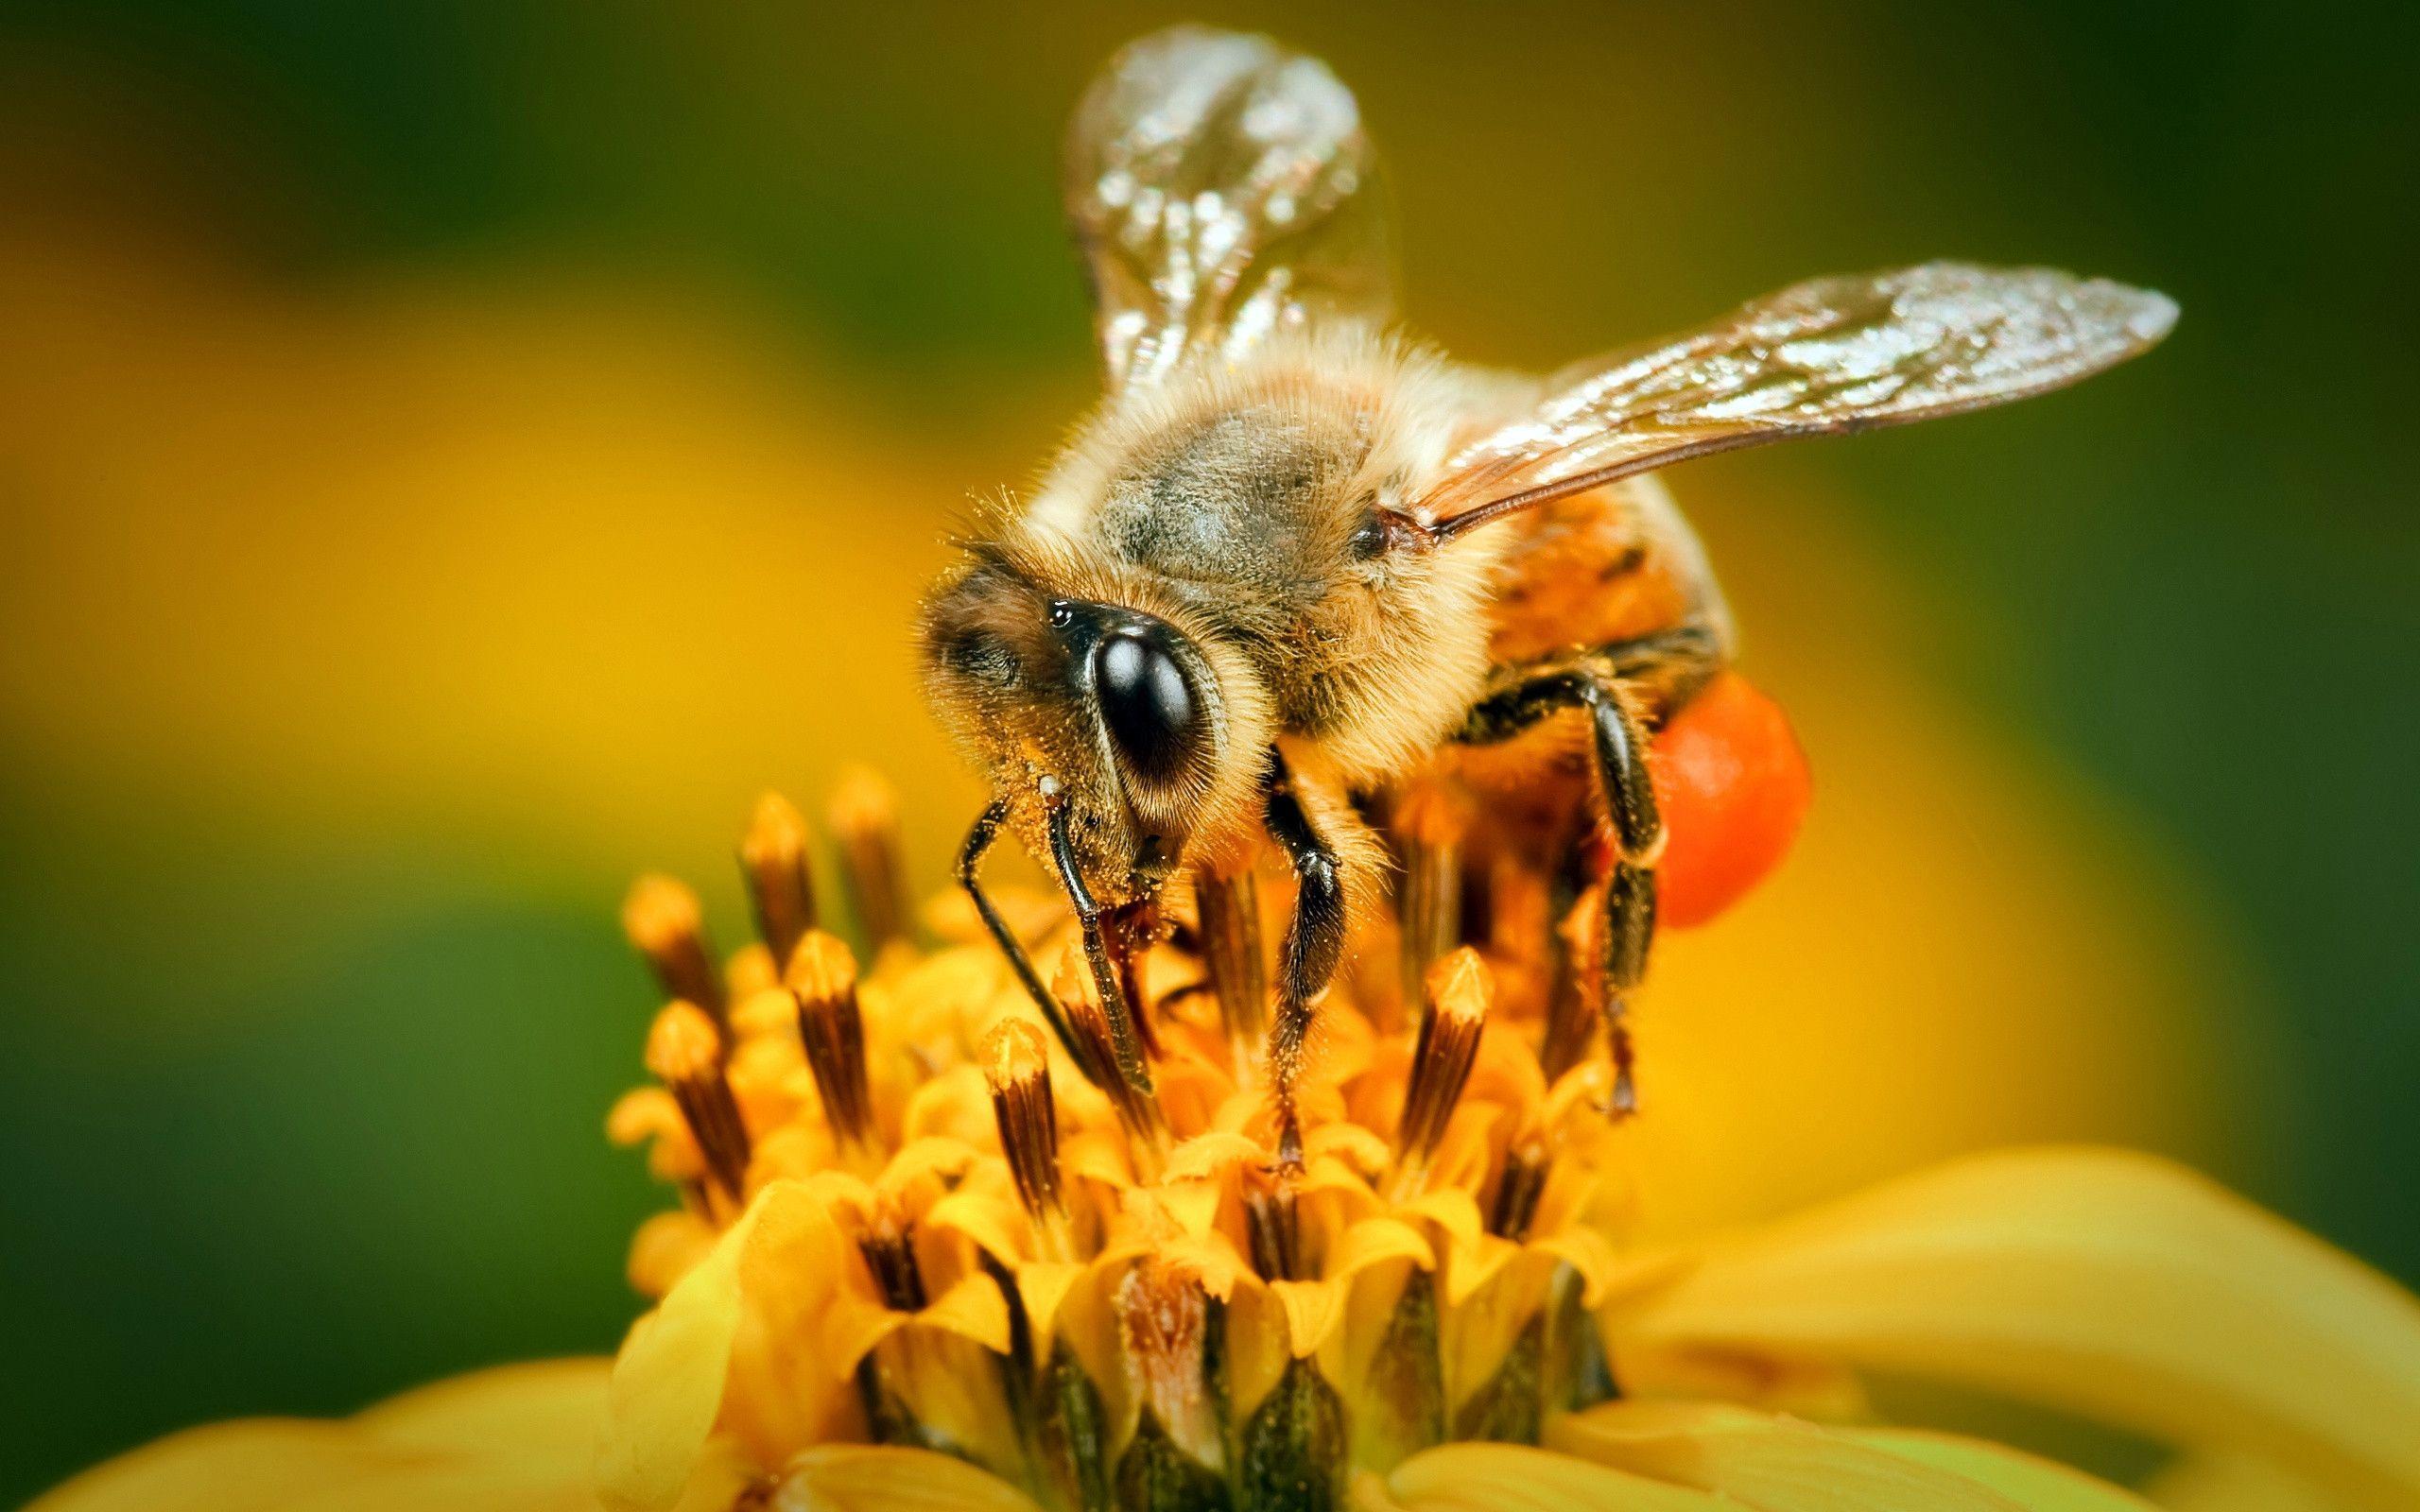 Bee wallpapers wallpaper cave - Bumblebee desktop wallpapers ...